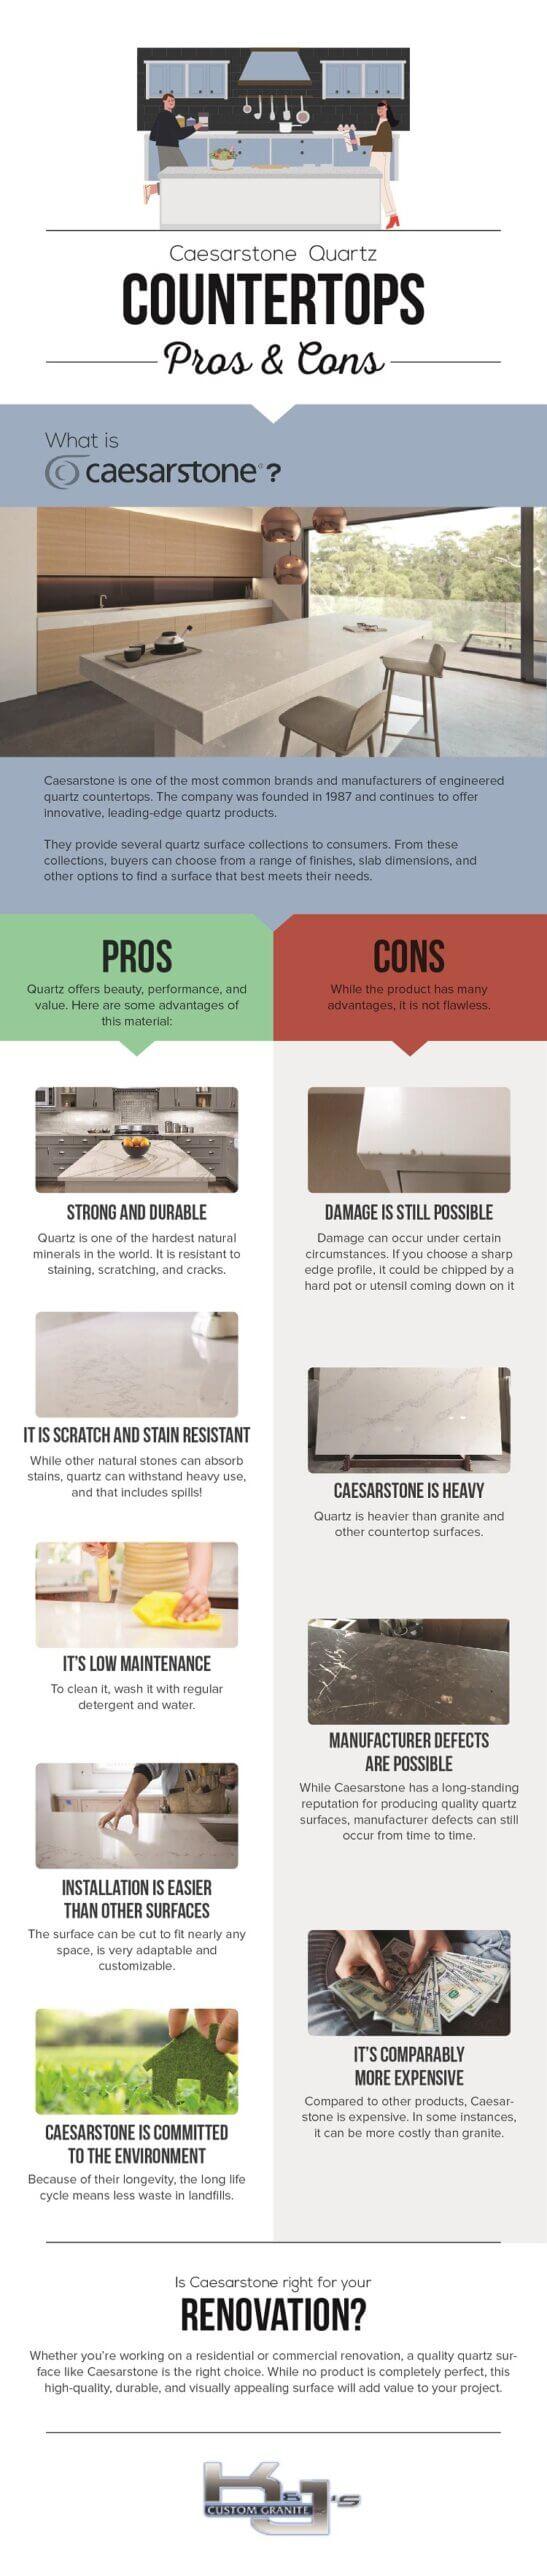 Caesarstone Quartz Countertops Pros & Cons